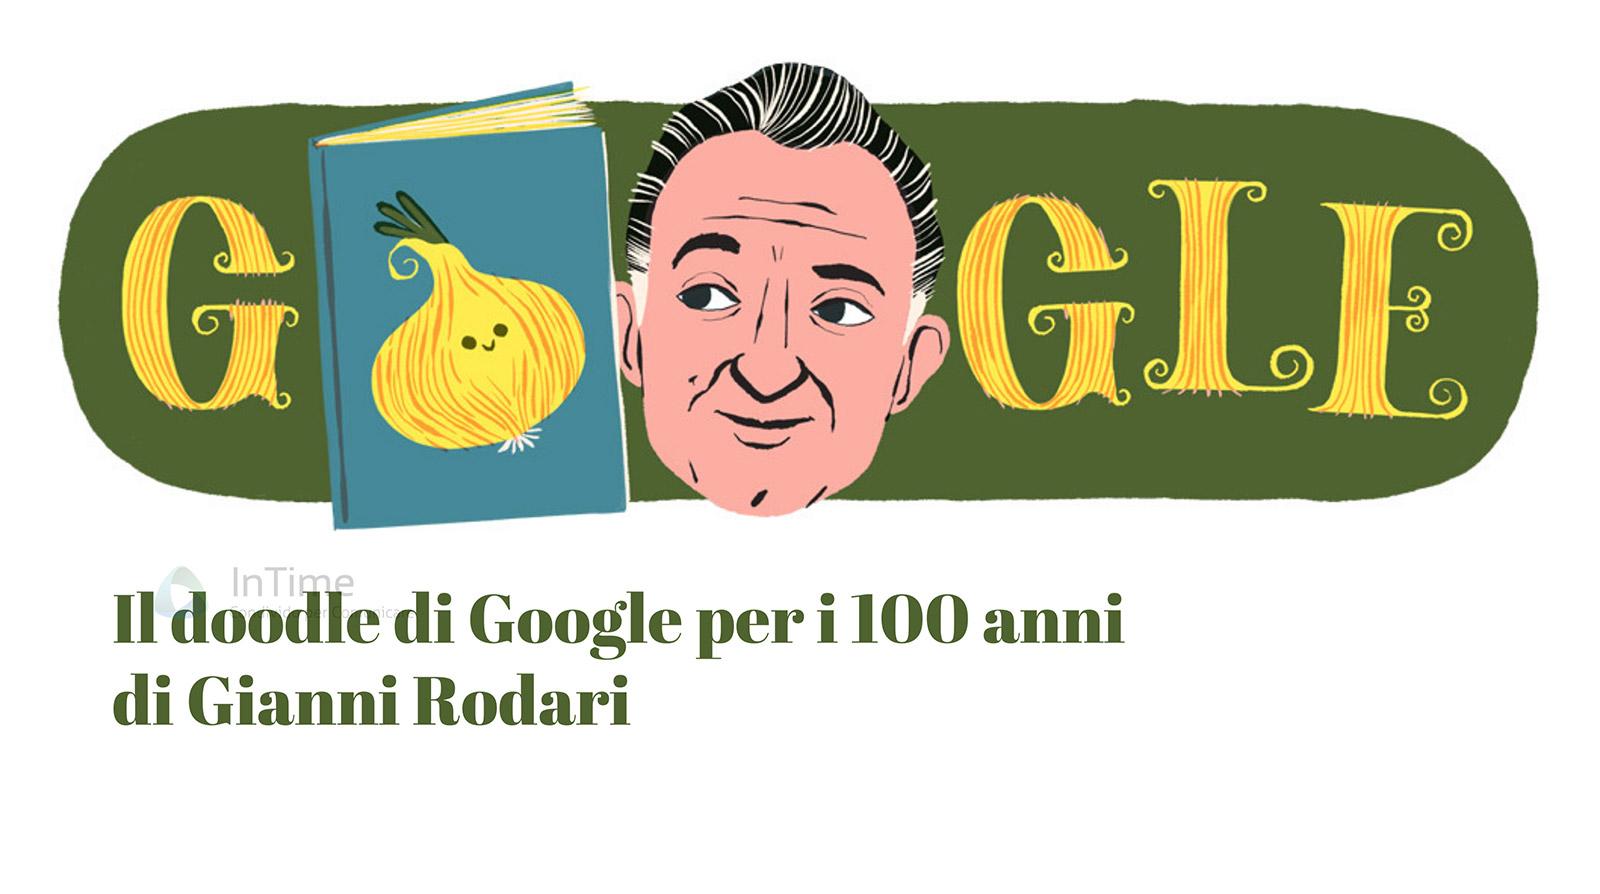 il doodle di oggi e per i 100 anni di gianni rodari il doodle di oggi e per i 100 anni di